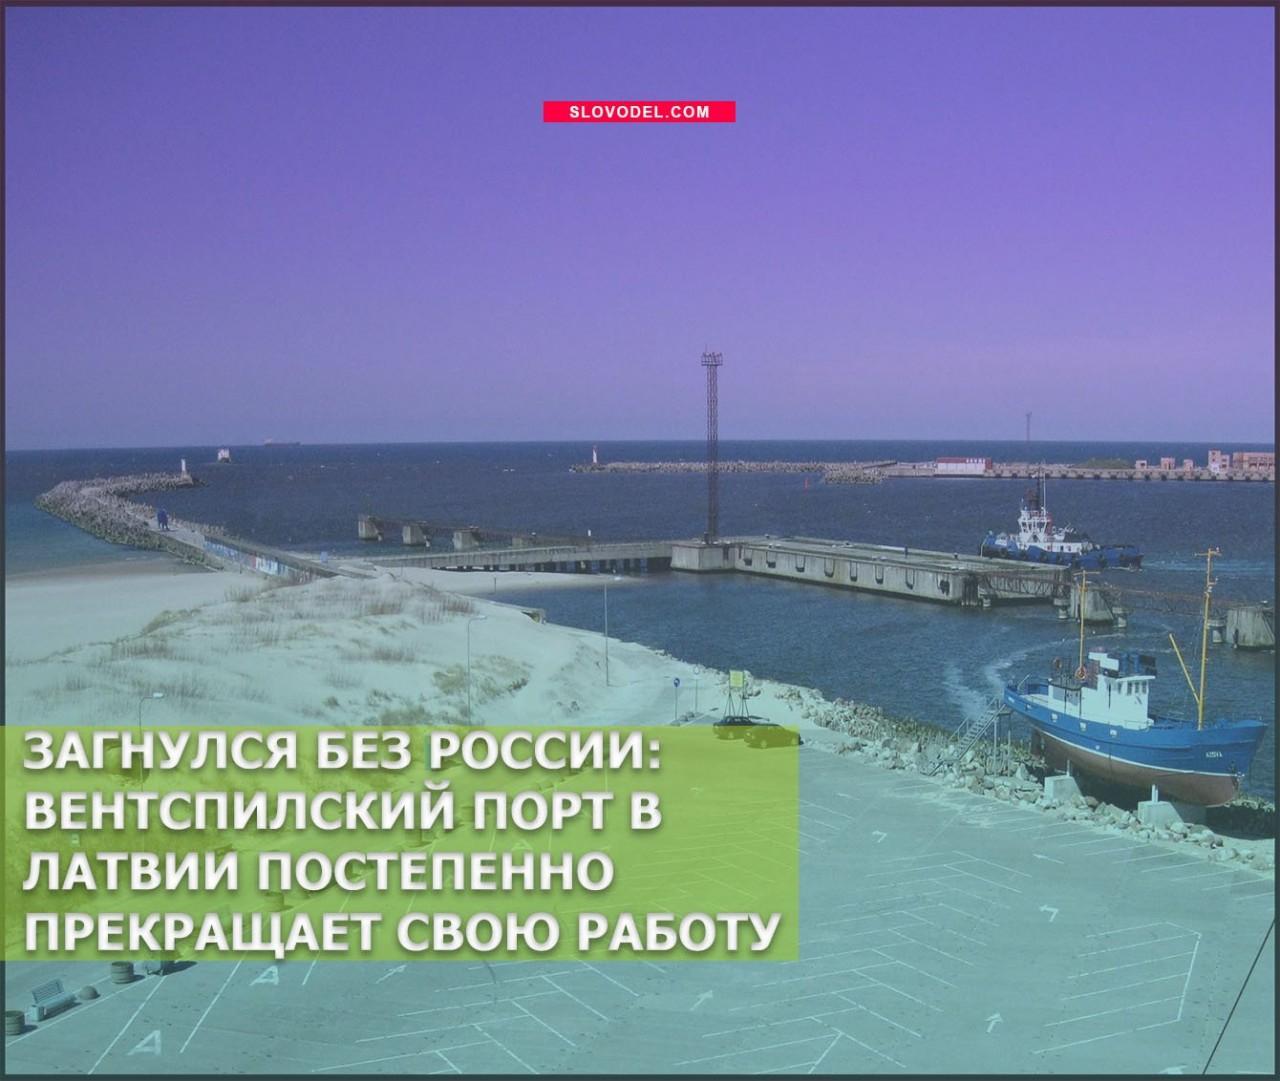 Загнулся без России: Вентспилский порт в Латвии постепенно прекращает свою работу